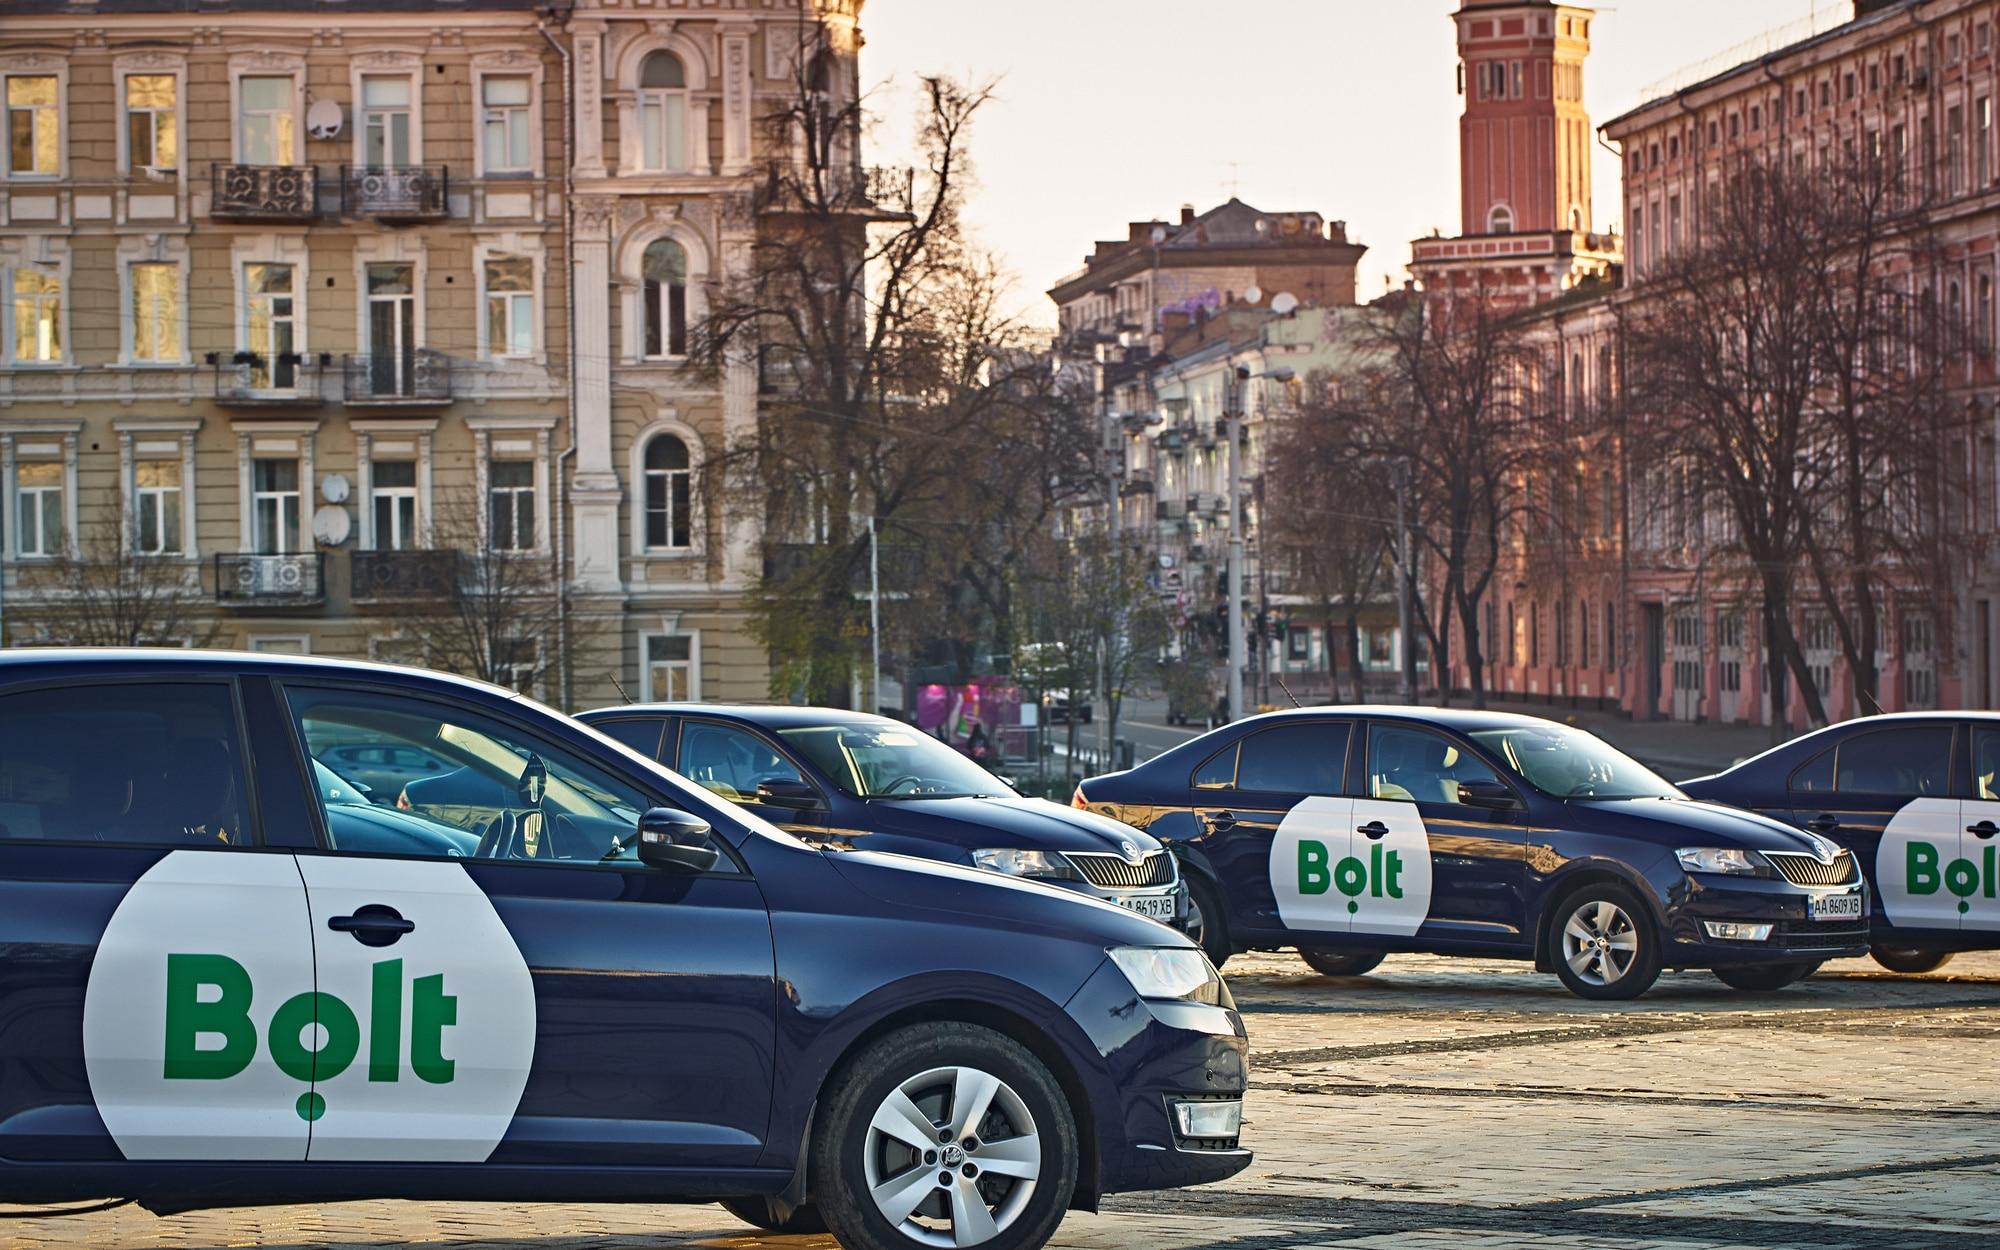 Такси-сервис Bolt (ex-Taxify) запустился в Одессе, предлагая ...